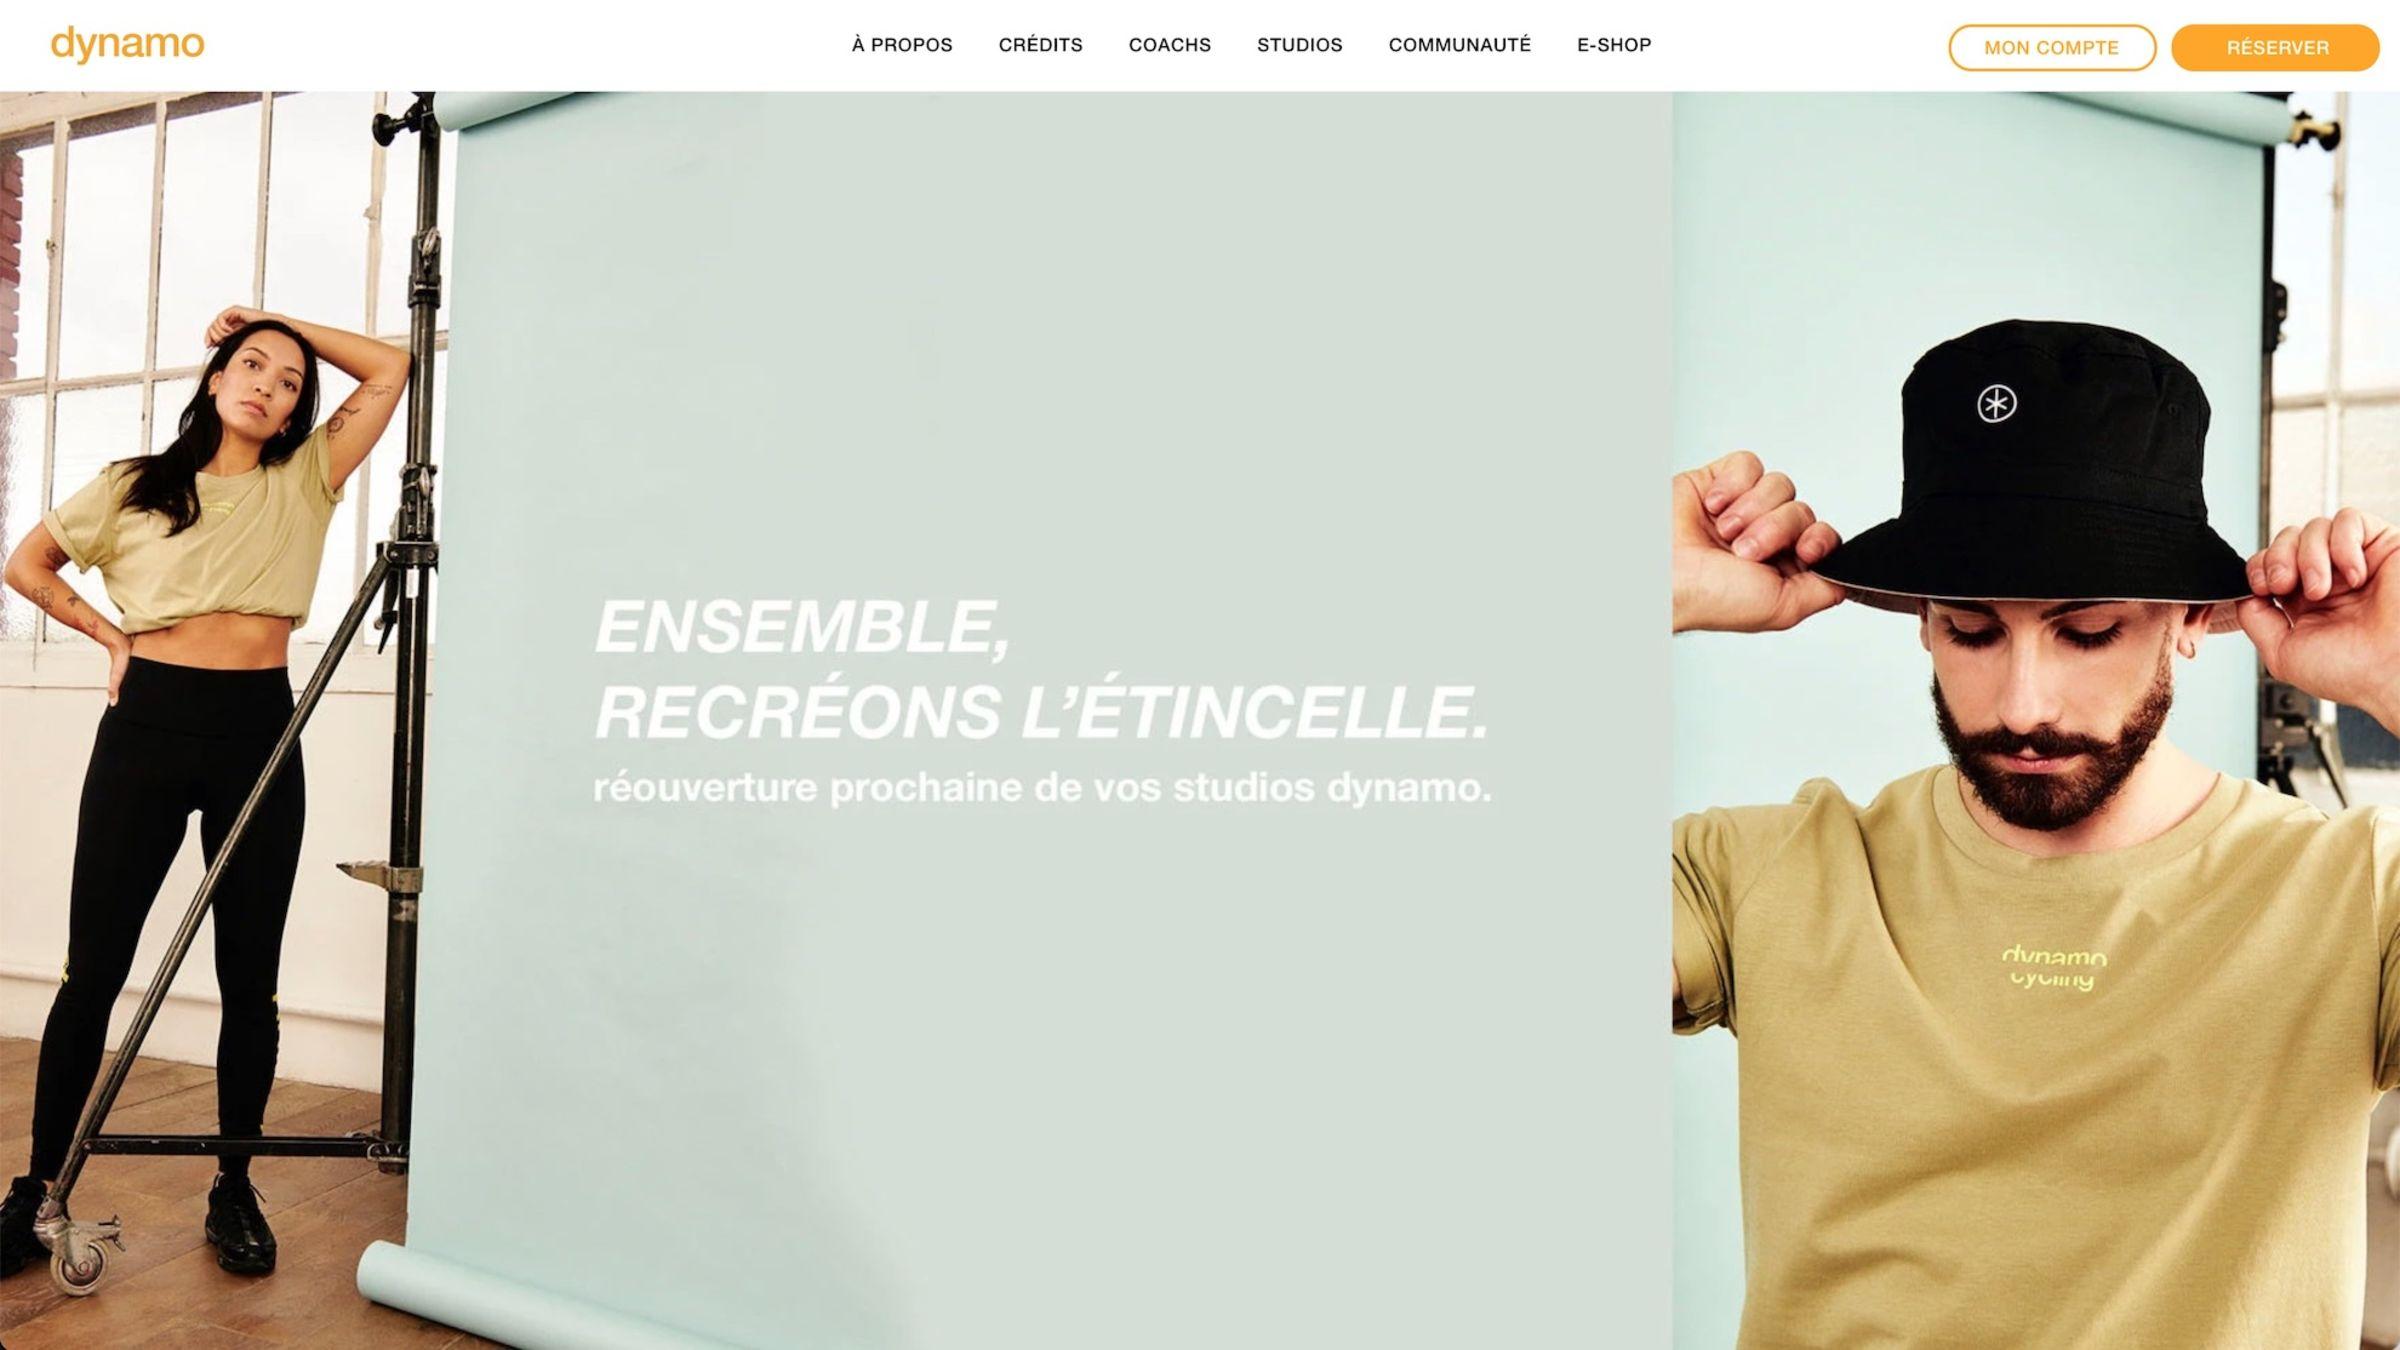 dynamo-cycling-website-screenshot